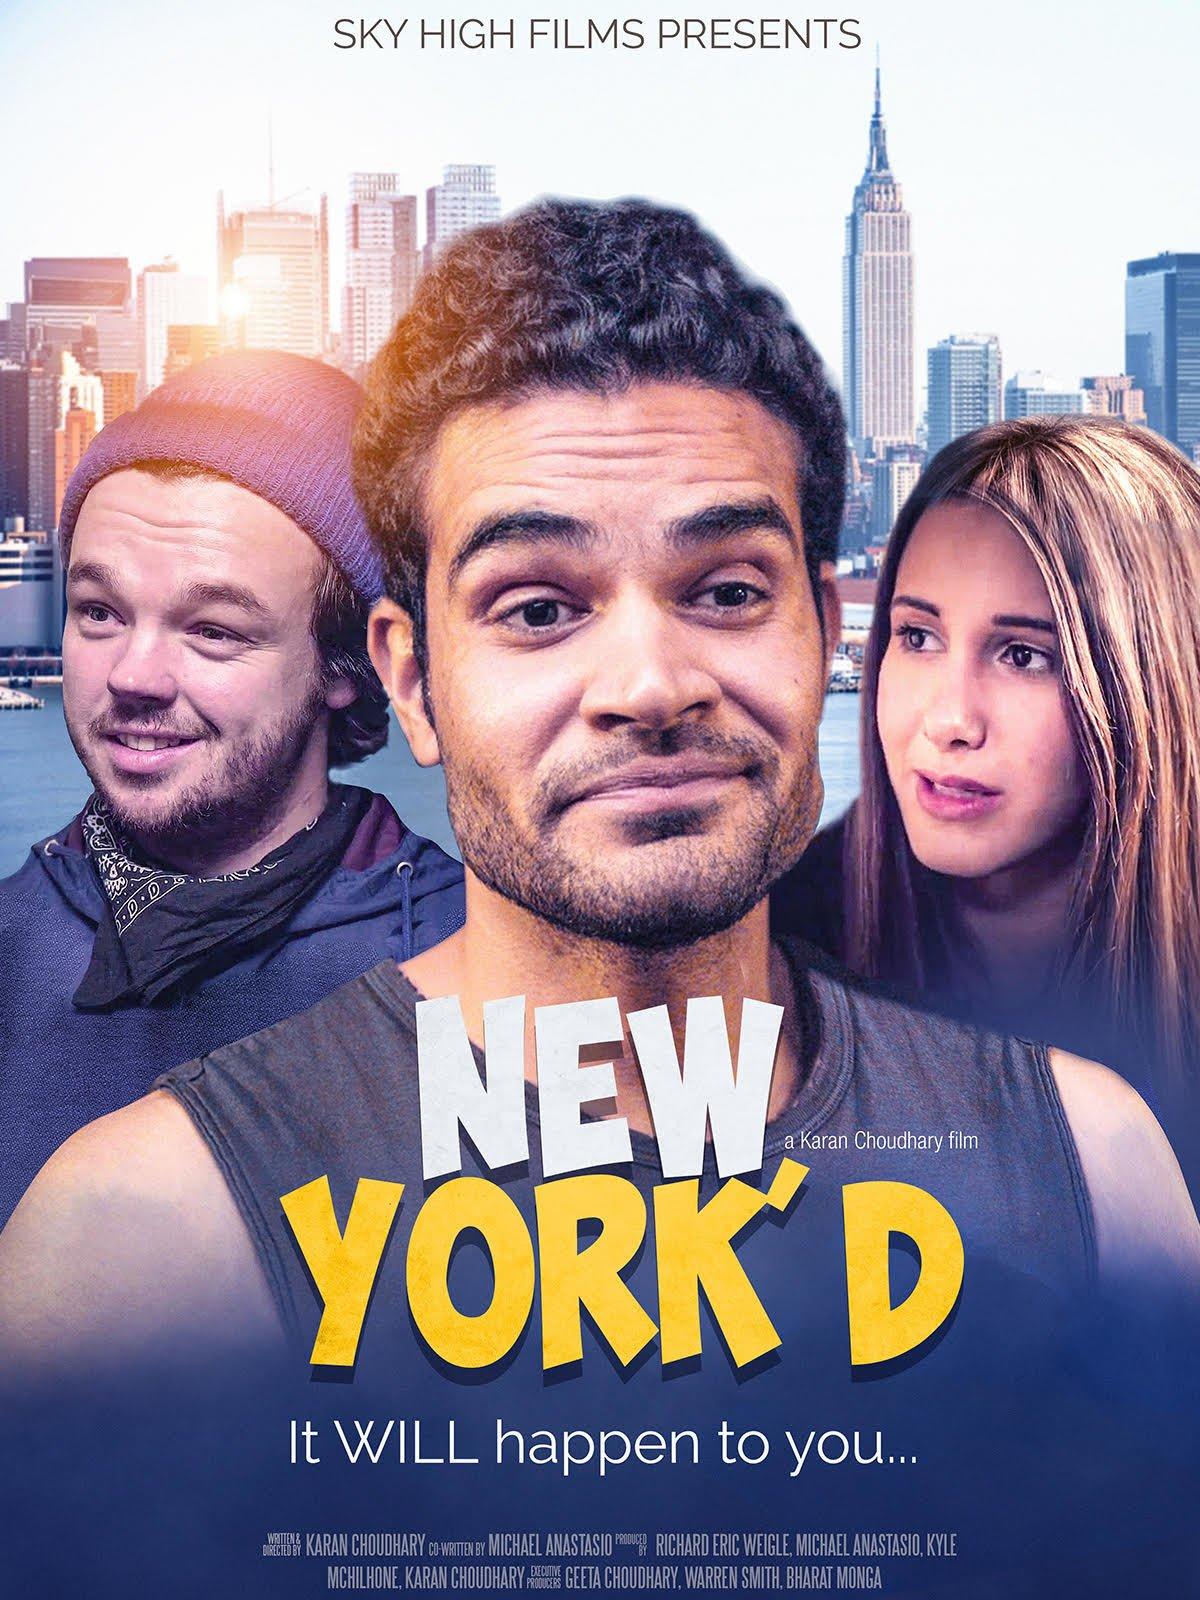 New York'd